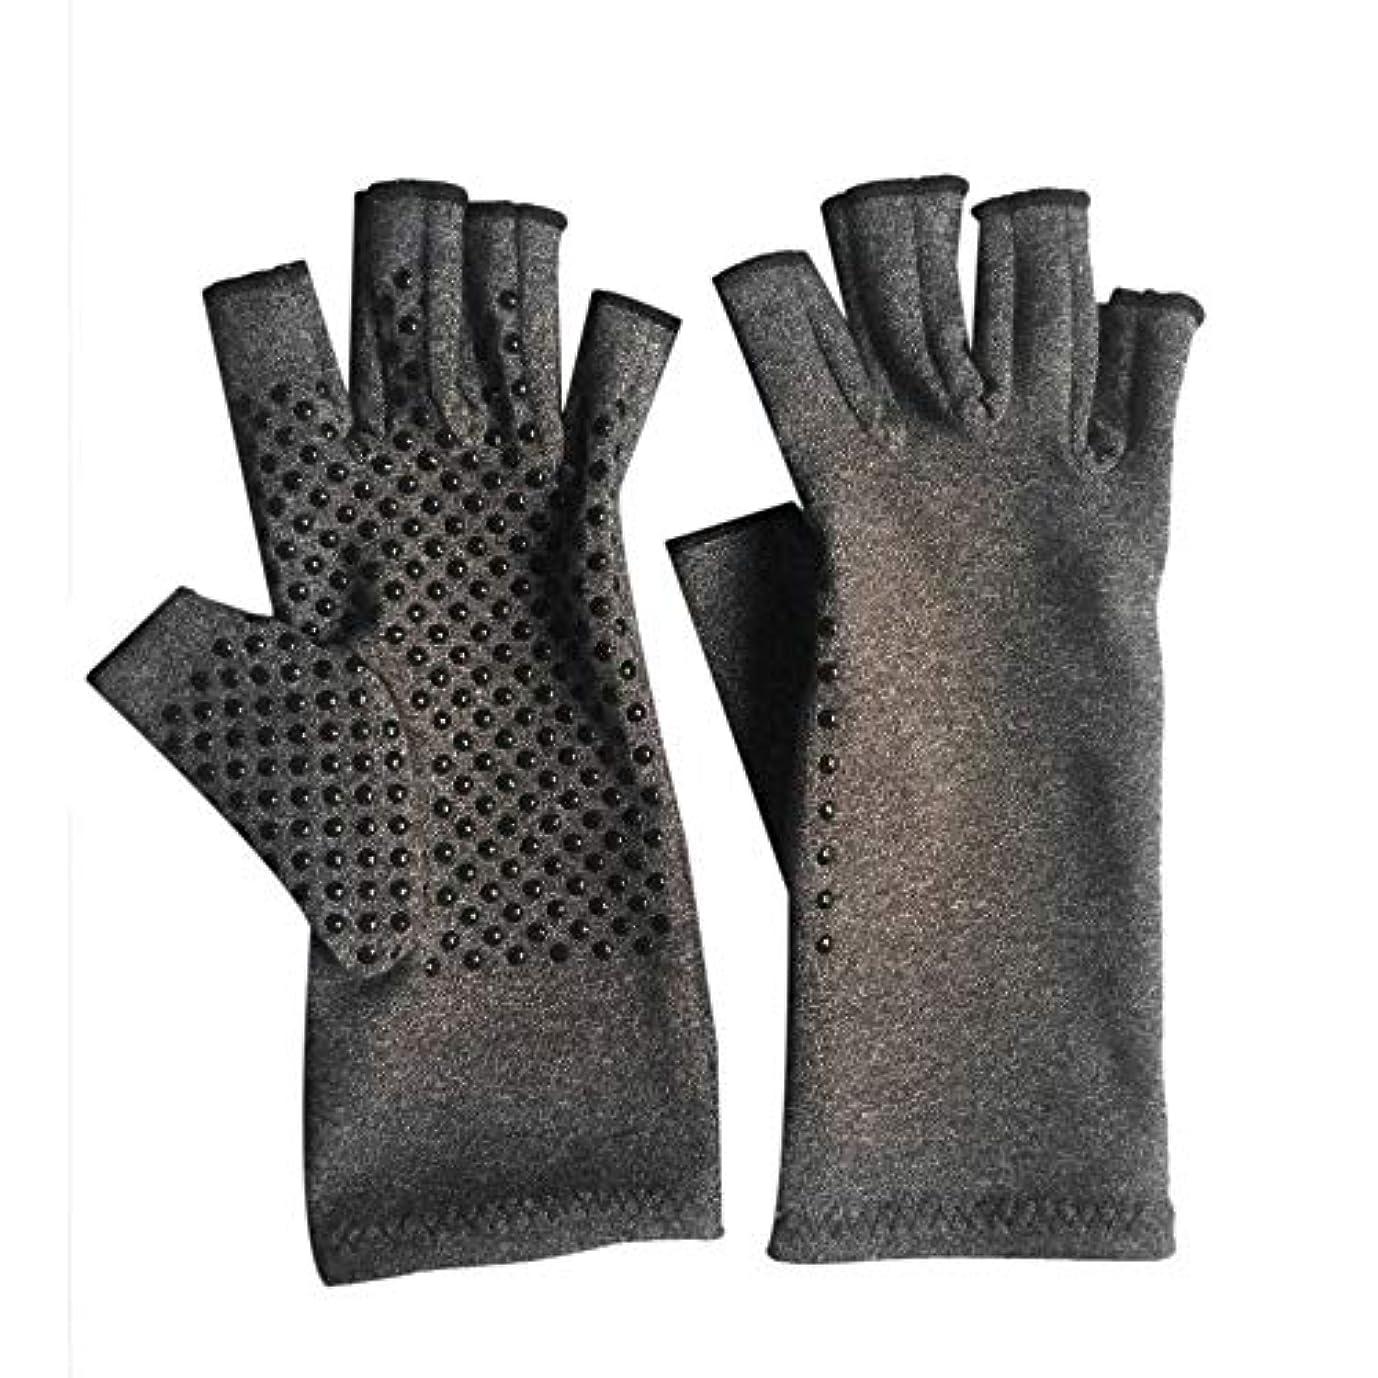 読書主婦多くの危険がある状況1ペアユニセックス男性女性療法圧縮手袋関節炎関節痛緩和ヘルスケア半指手袋トレーニング手袋 - グレーM